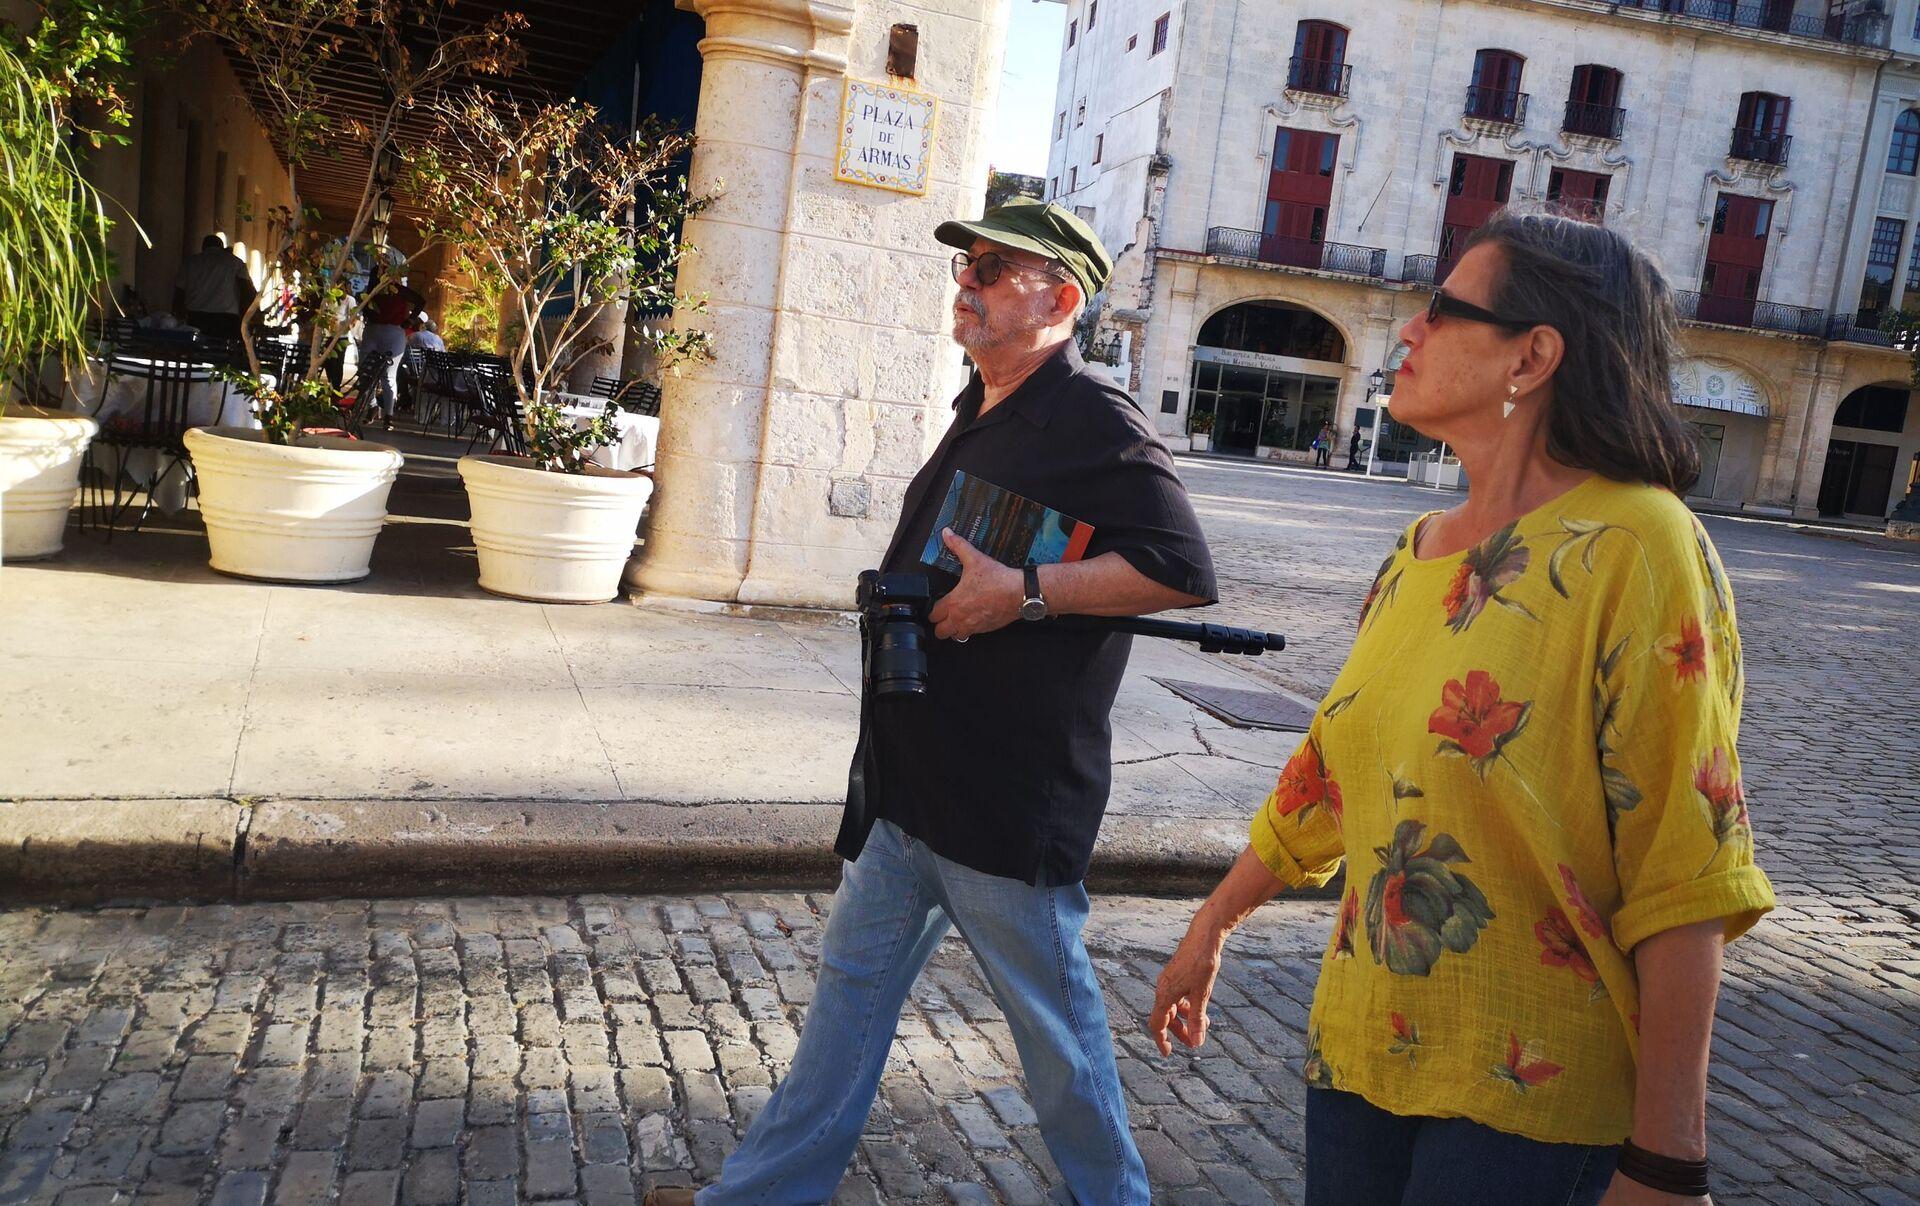 El Cantautor Cubano Silvio Rodríguez La Herramienta Estratégica Del Porvenir Es El Humanismo 24 04 2020 Sputnik Mundo